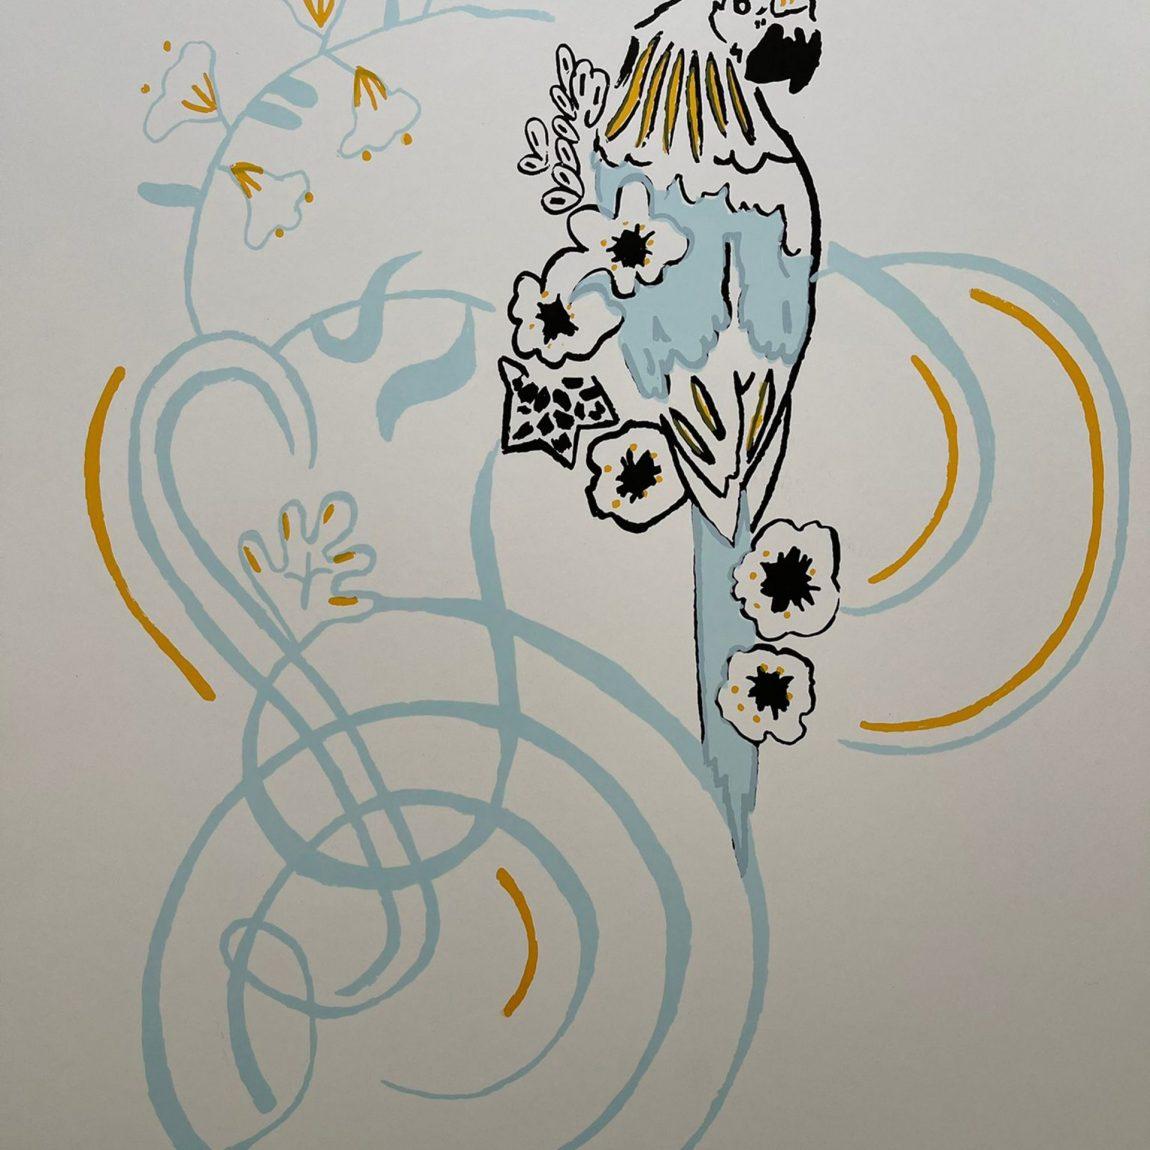 Yıldırım Onur Erdiren - Eser Adı : Papağan Teknik: Serigrafi Baskı Ölçü: 35 x 50 cm Fiyat : 885 TL